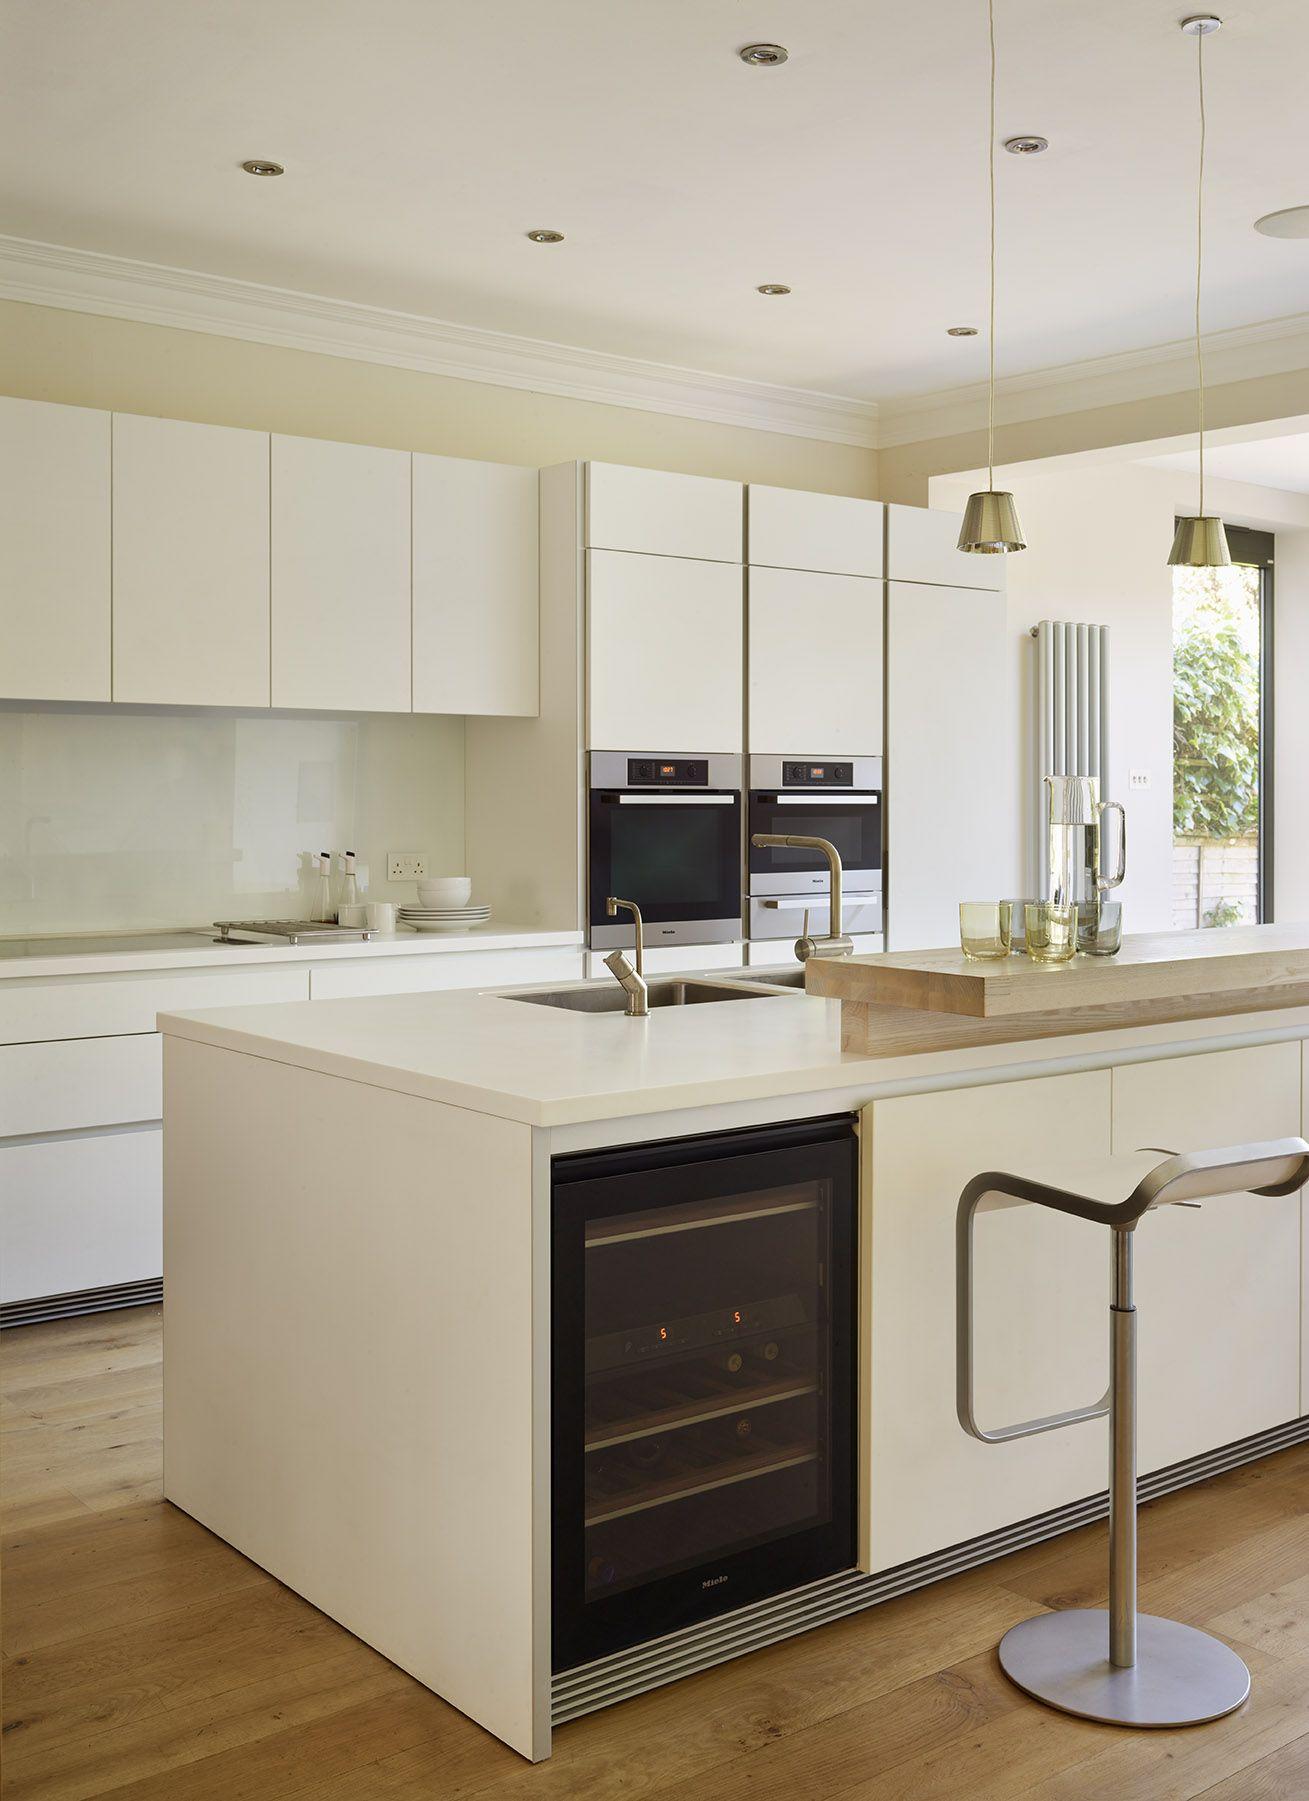 Aus ideen für die küche küche  schönes format des küchenblocks und ggf gute position für